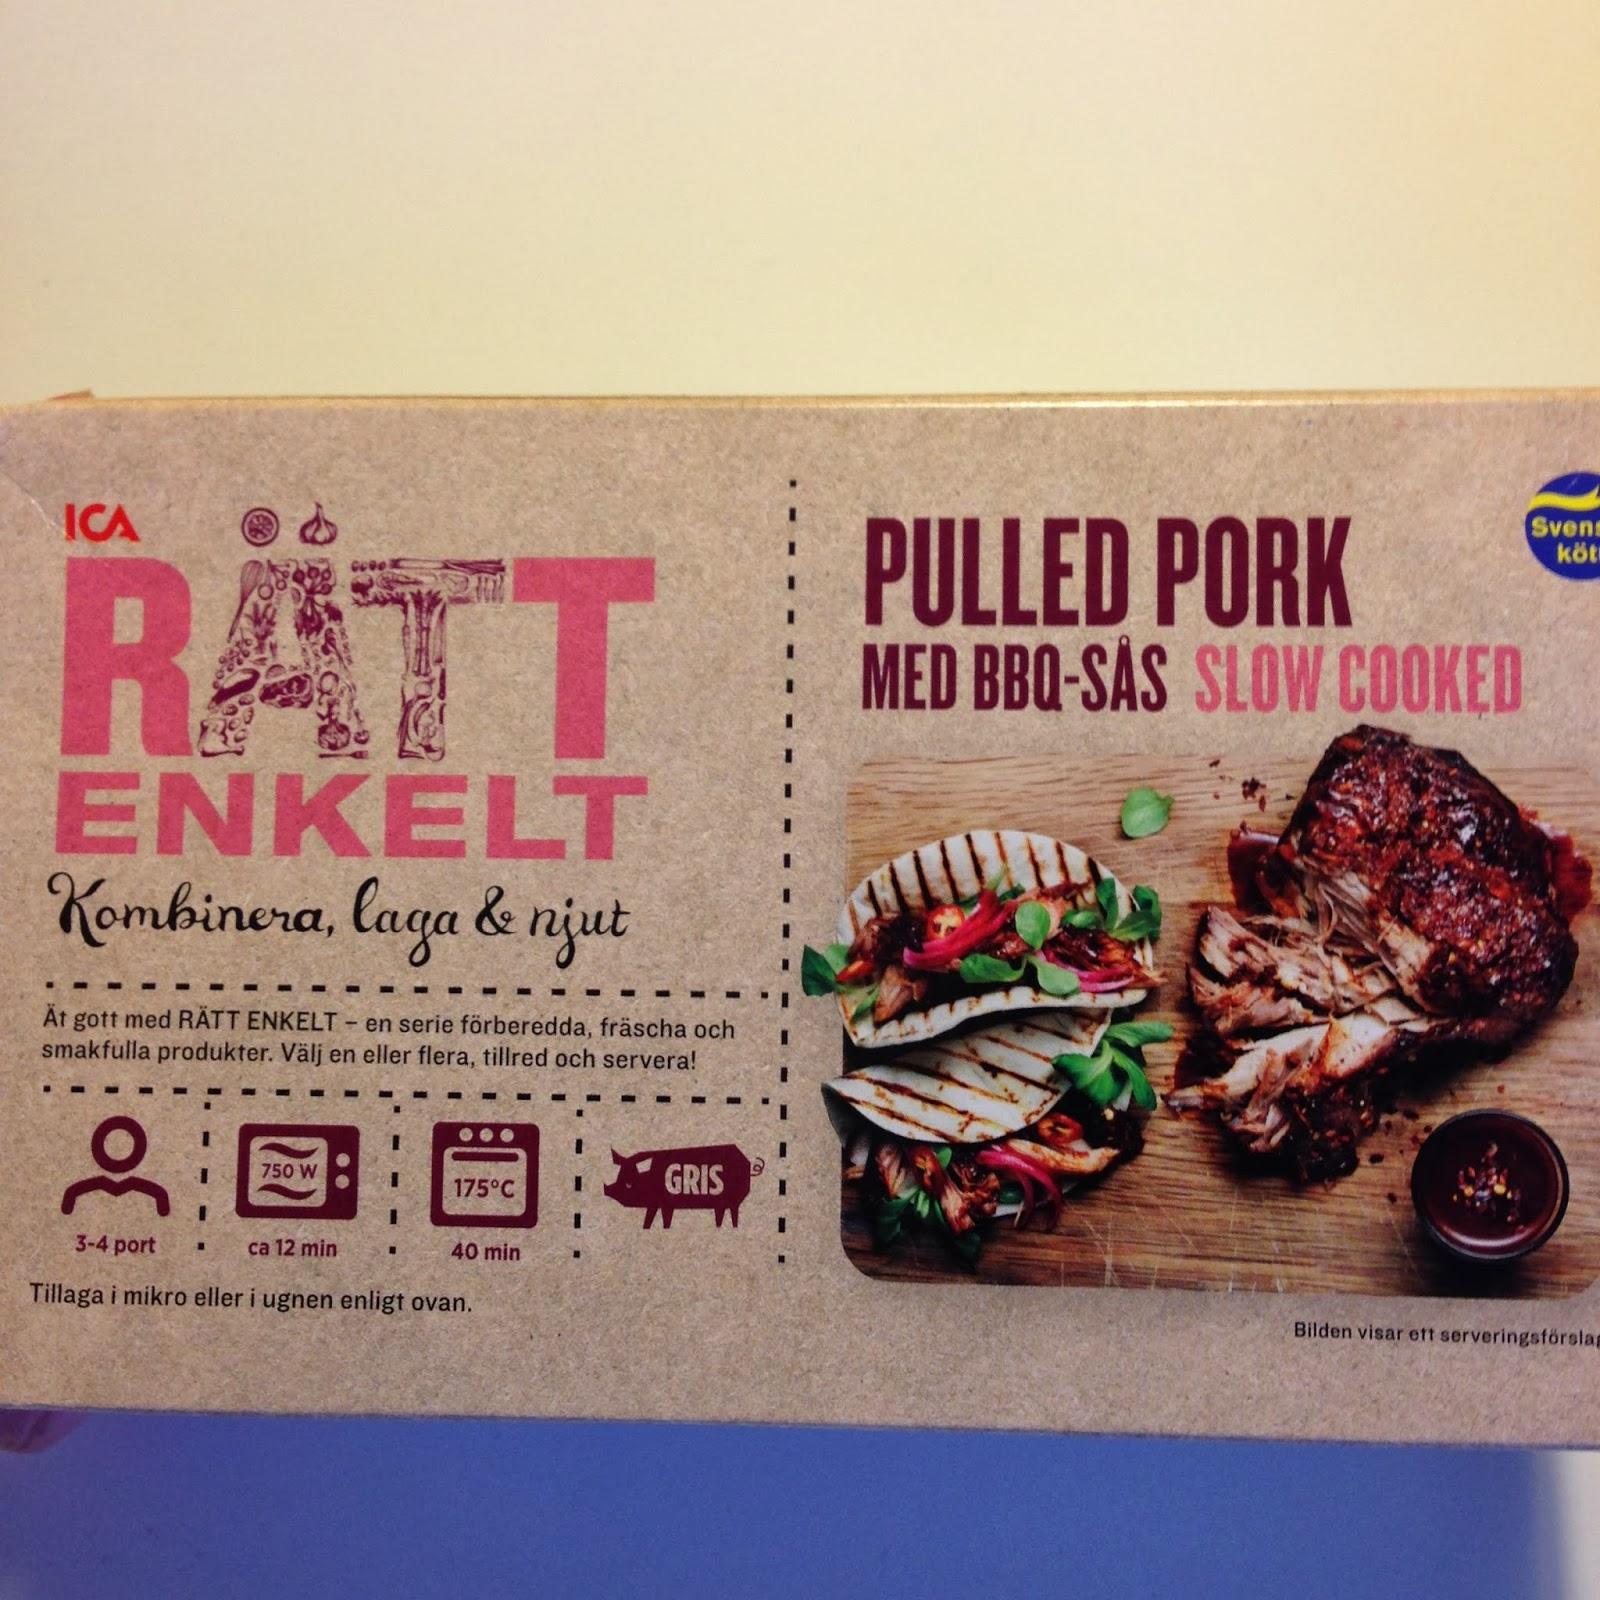 pulled pork ica